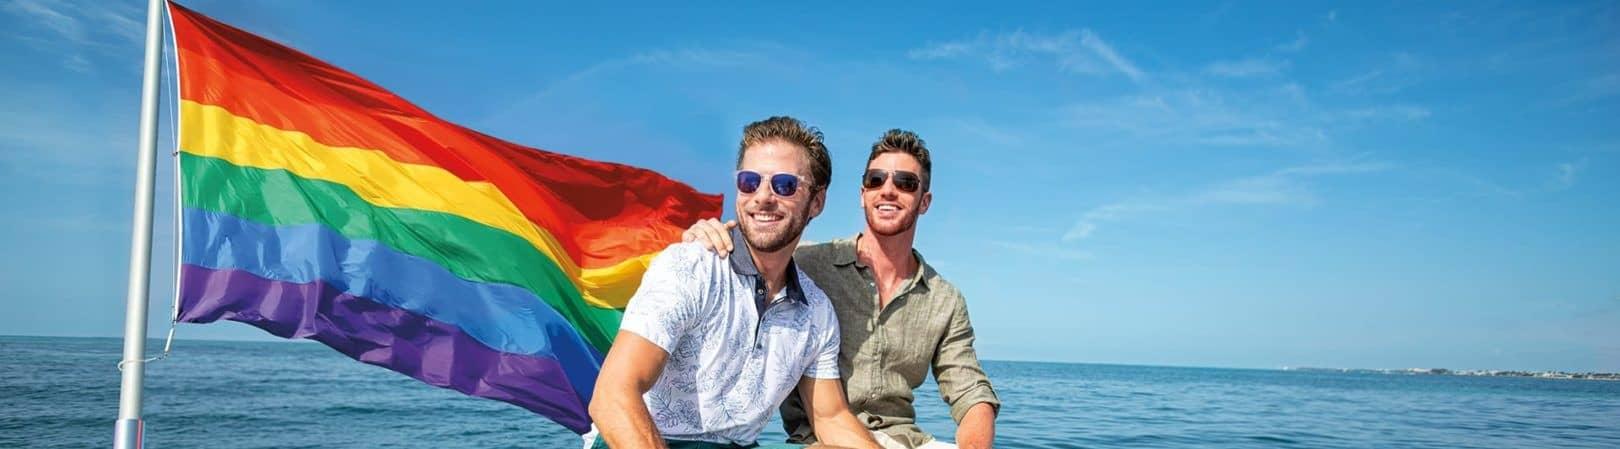 homofile reise nyheter